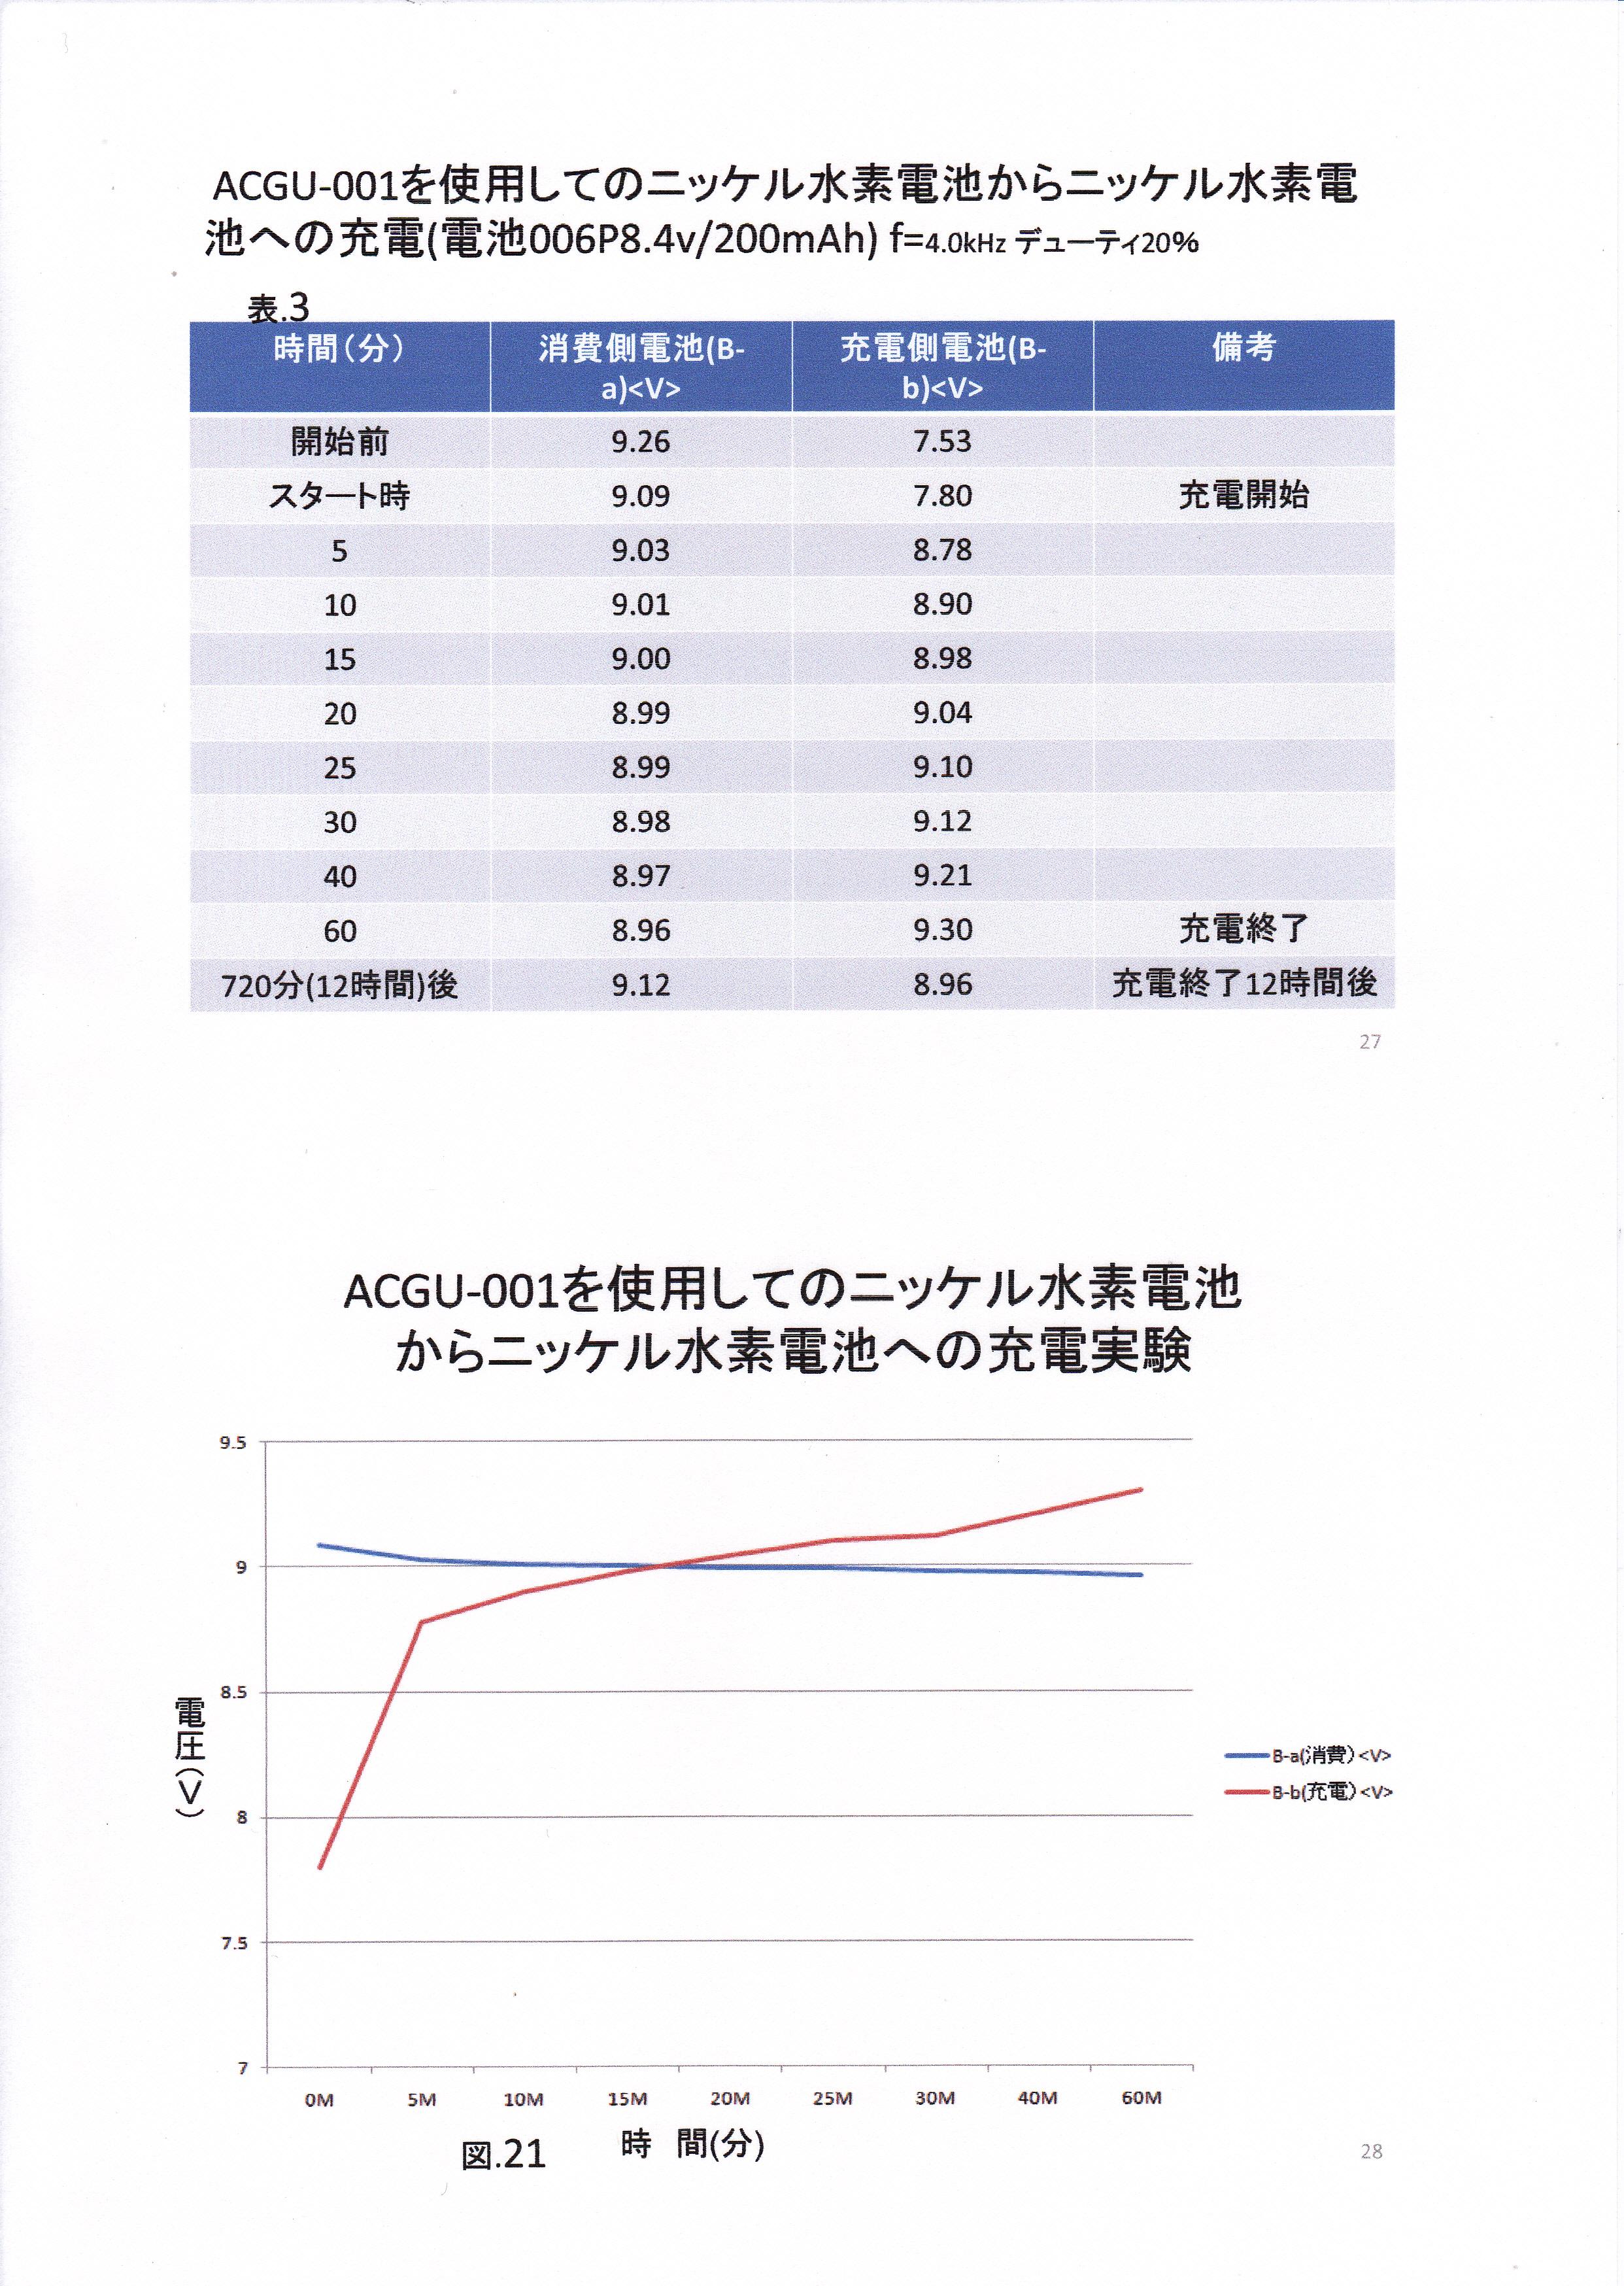 静止型発電機の基礎研究01-14